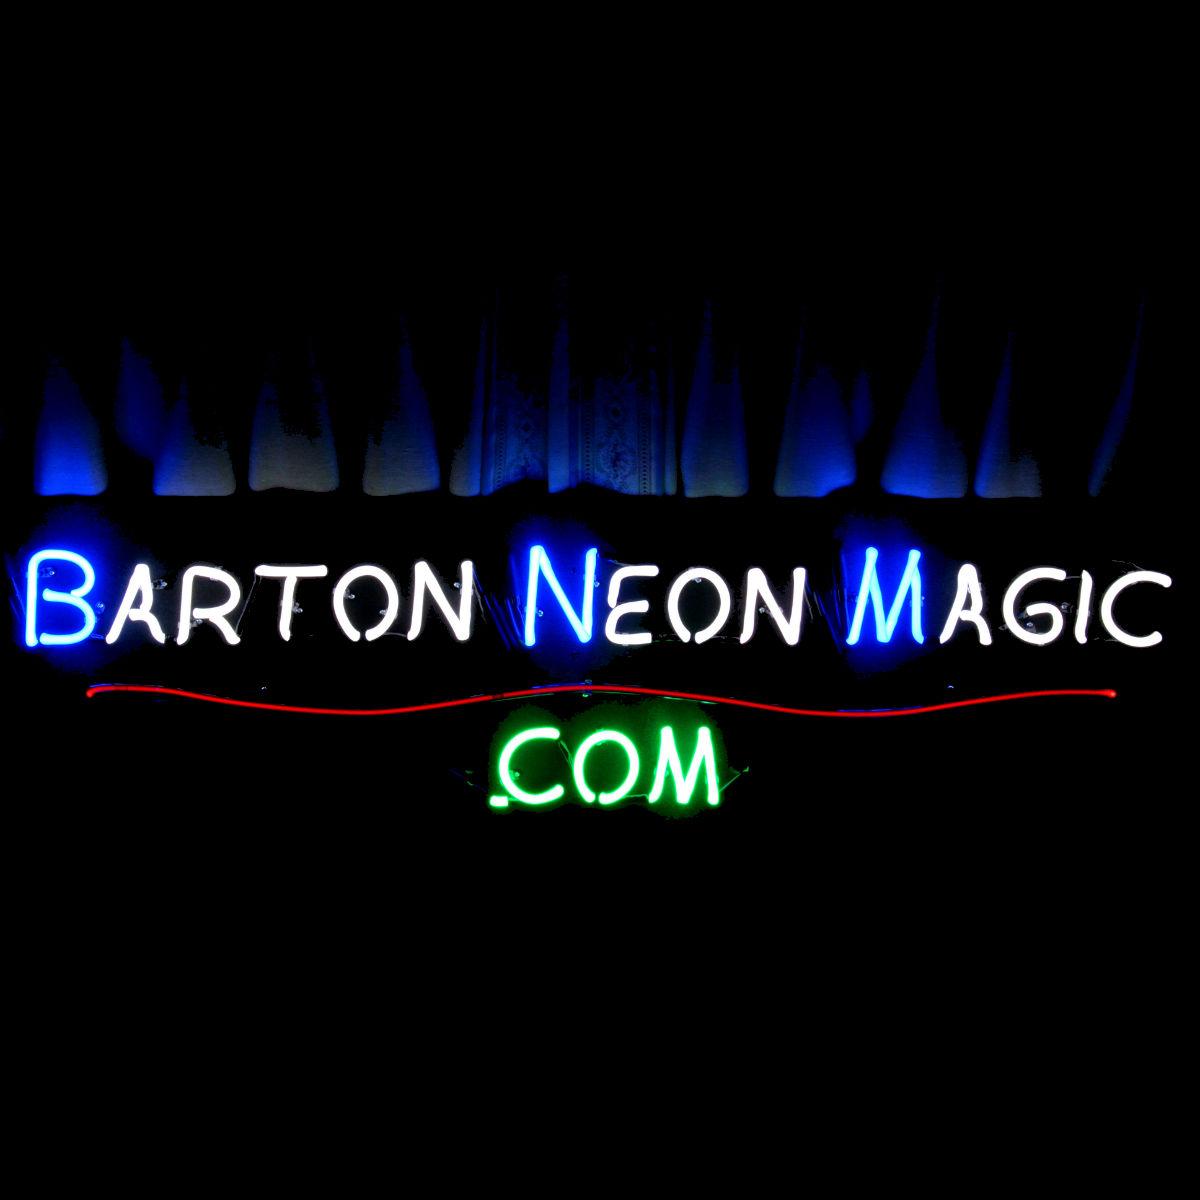 PACKARD CAR NEON SIGNS by John Barton - former New Packard Dealer - BartonNeonMagic.com